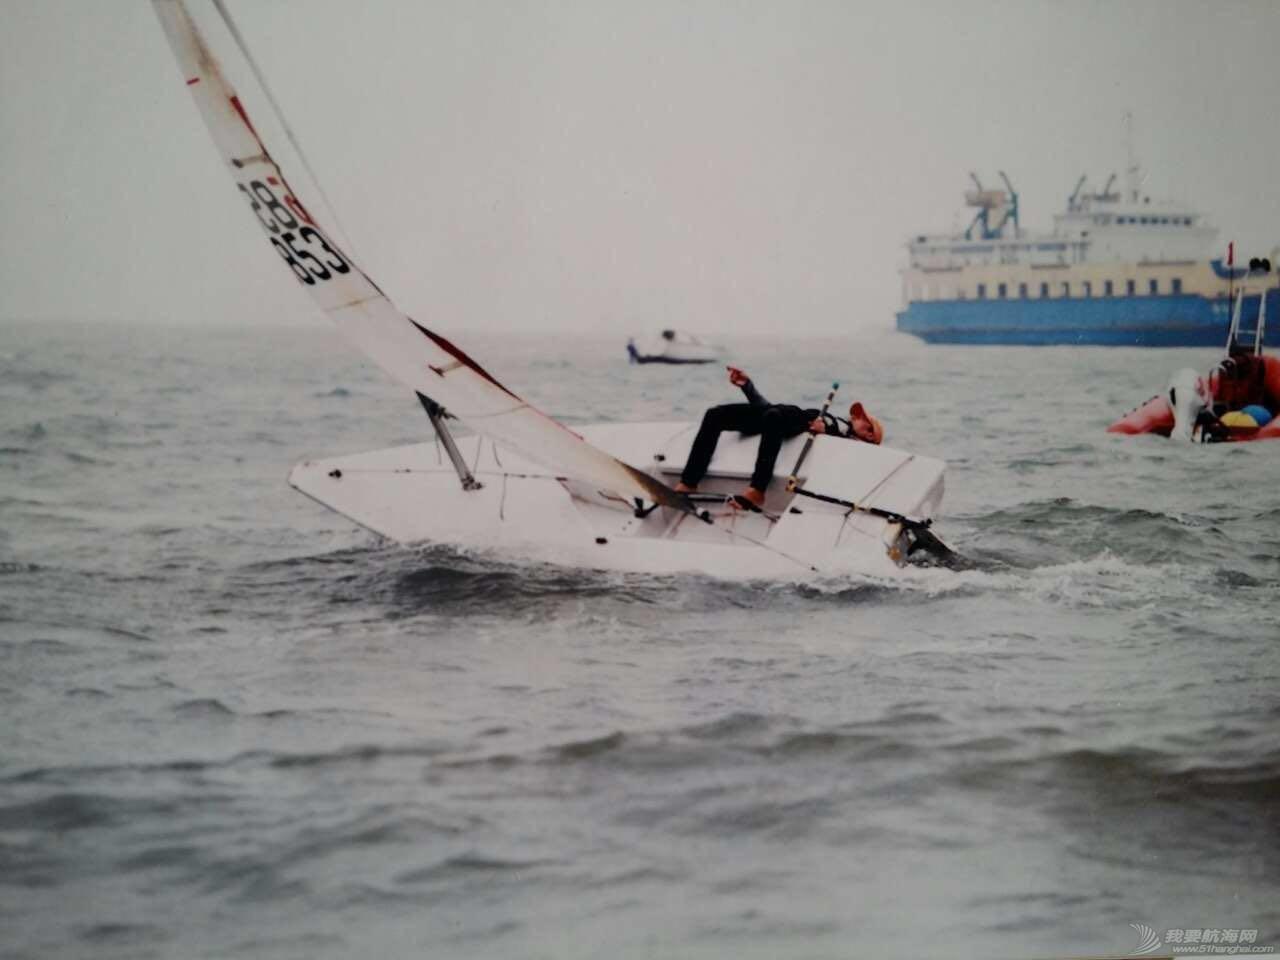 冲浪板,工作室,提供者,帆板,极限 [foil - windsurf & kitesurf]当帆板与冲浪板加上水翼! 1.pic.jpg